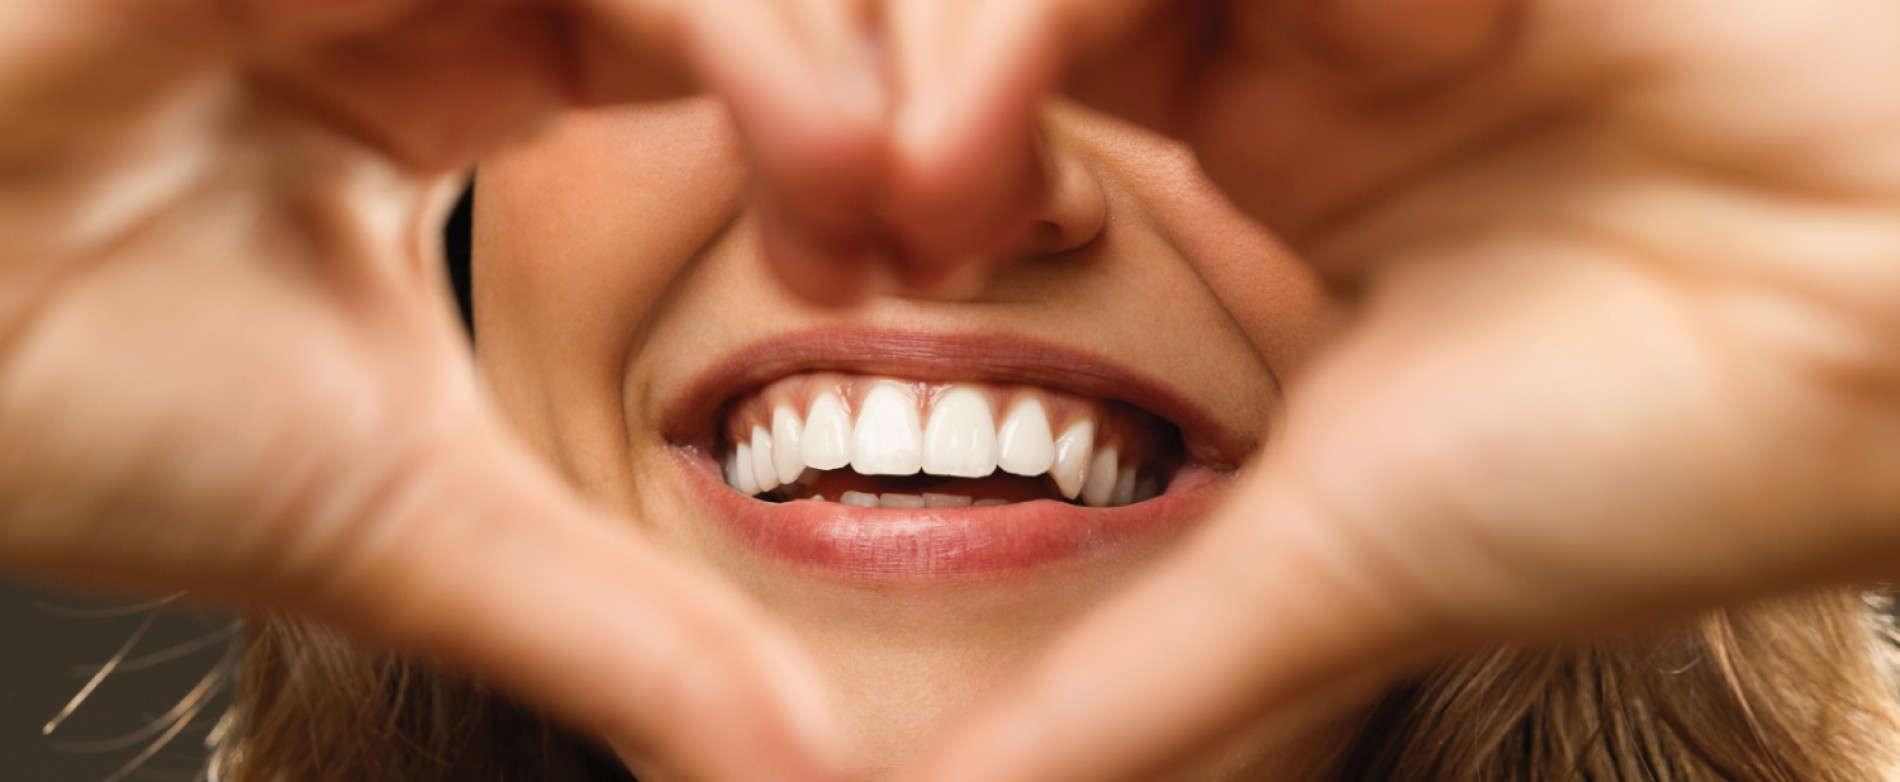 بهترین متخصص دندان پزشکی ترمیمی و زیبایی